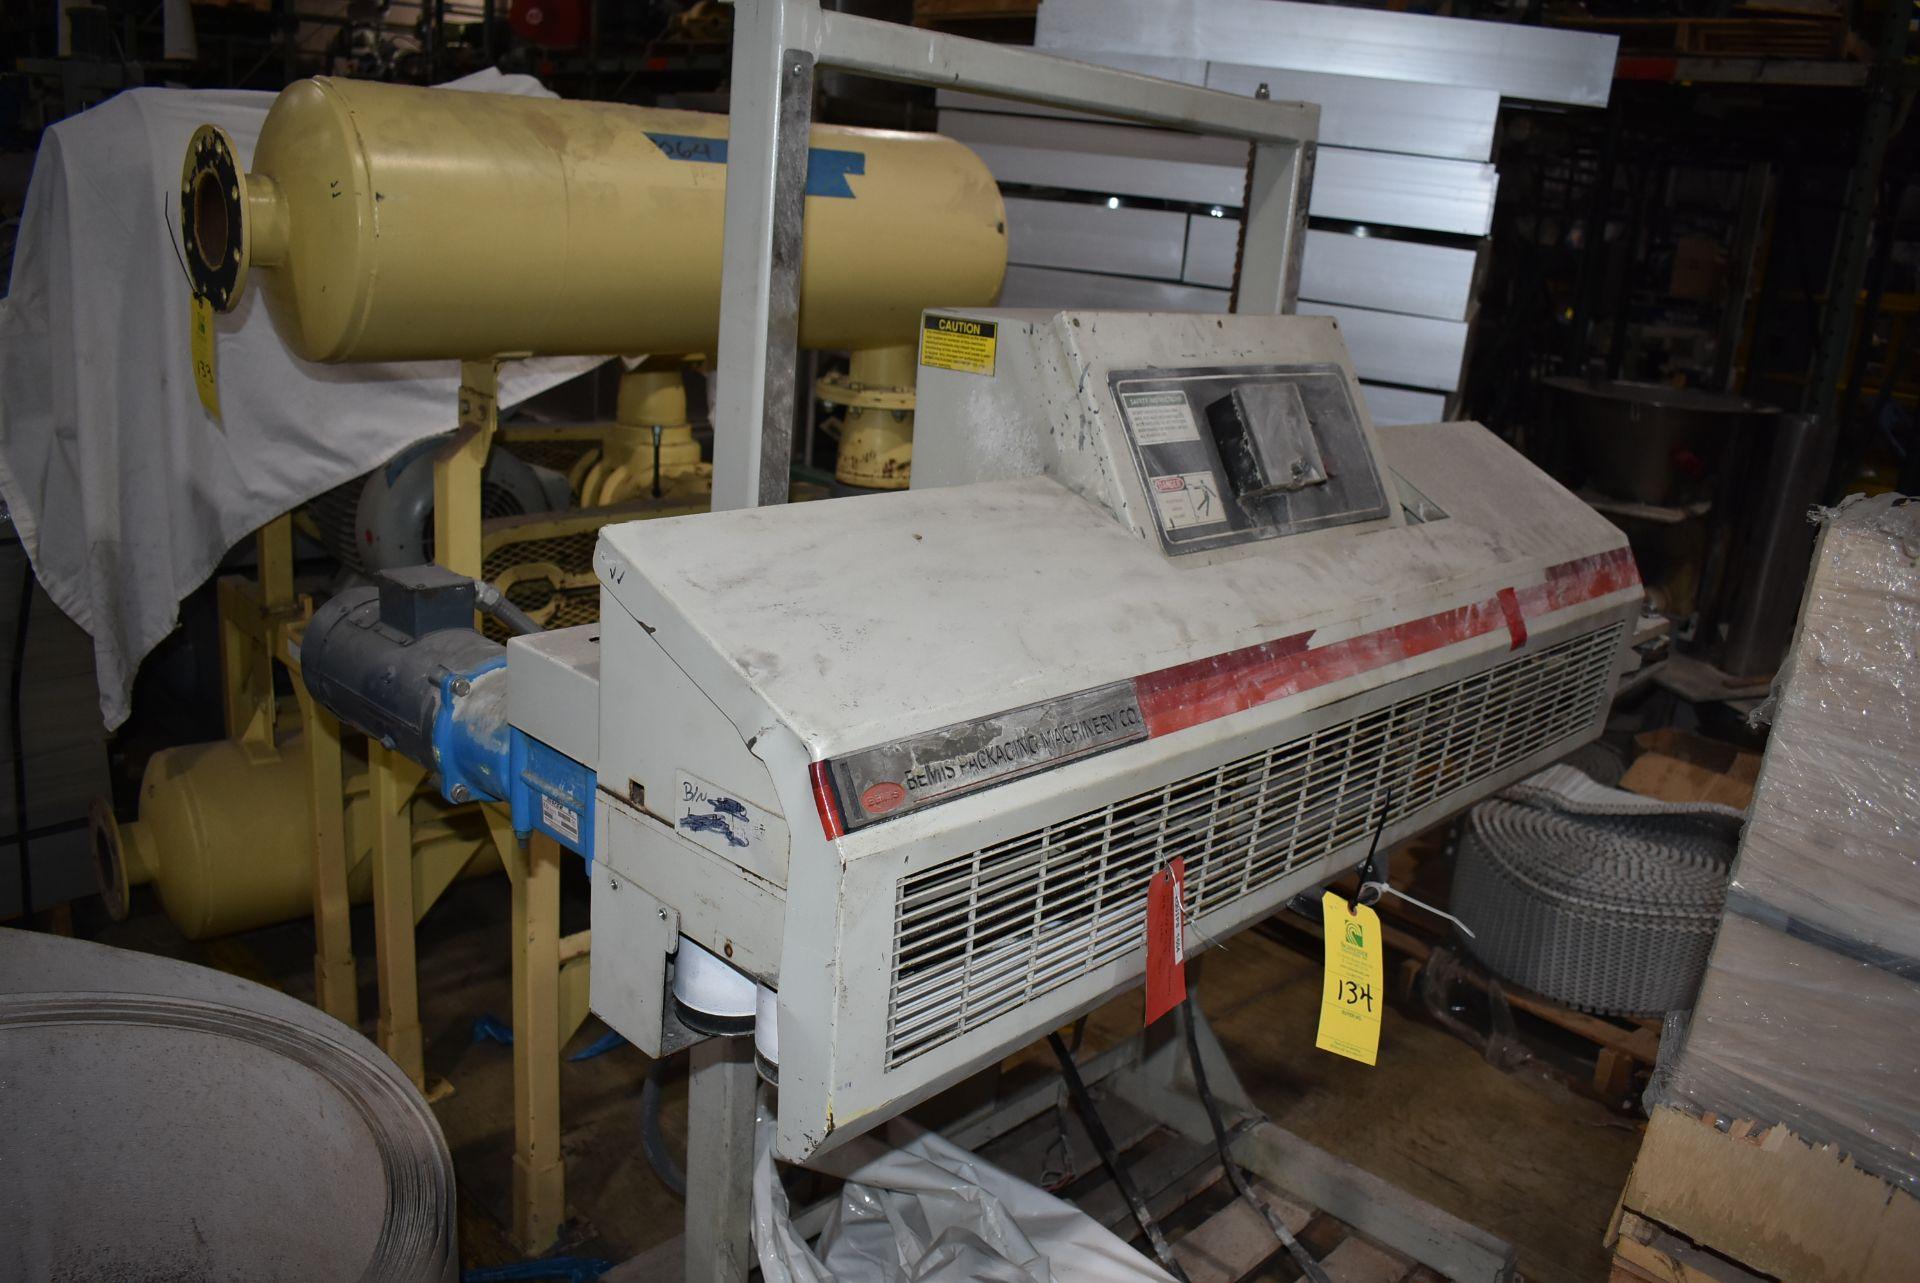 Bemis Model #4600 Packaging Machine